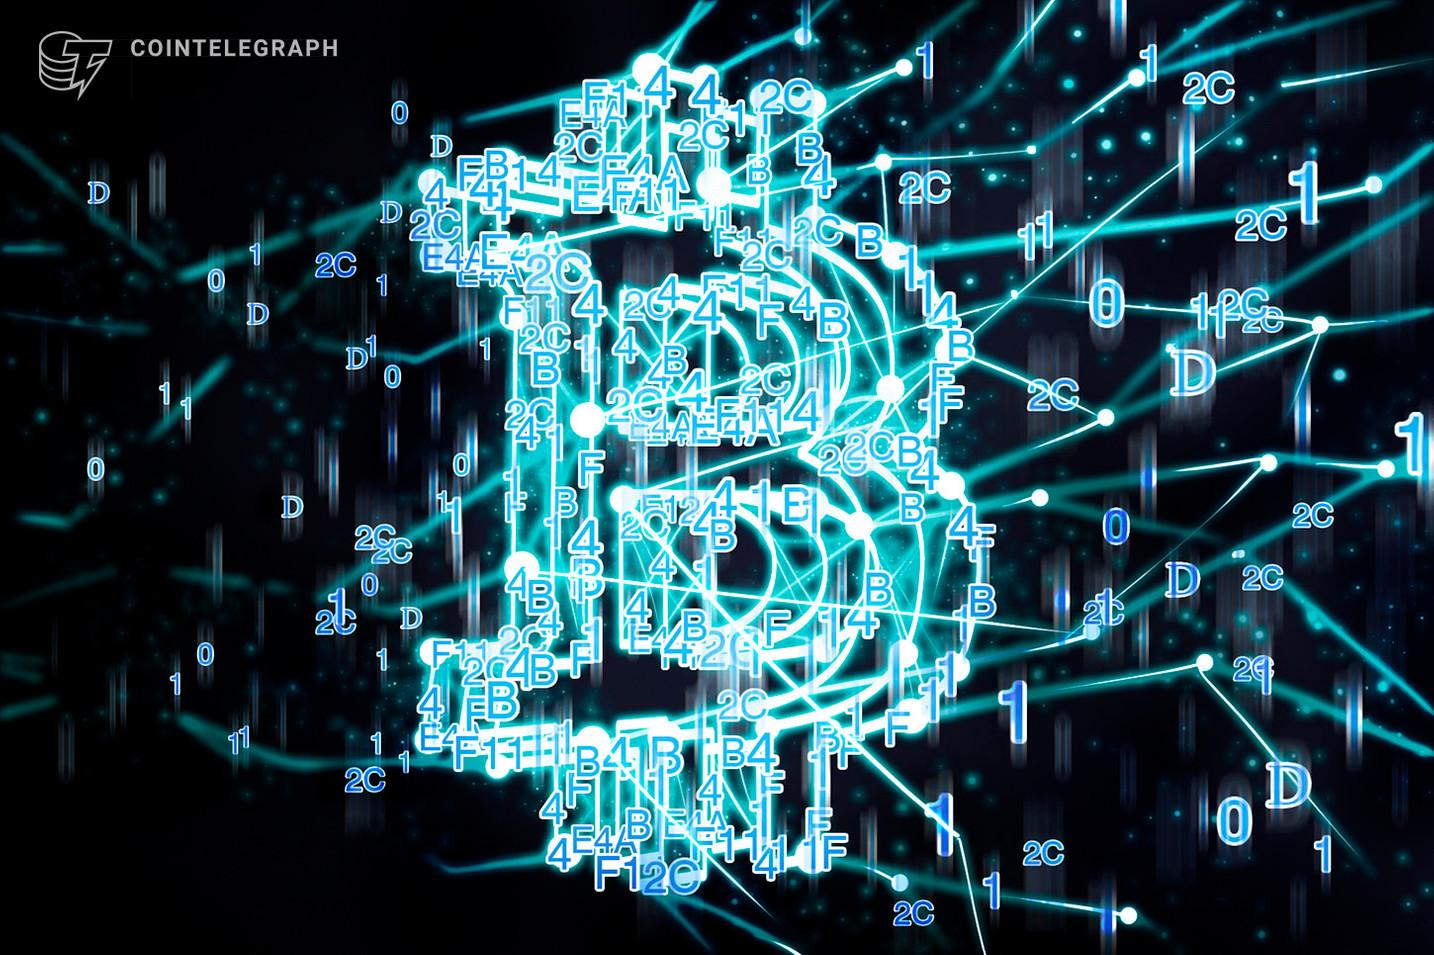 Los analistas dicen que los traders están vendiendo Bitcoin en corto, pero los datos muestran lo contrario